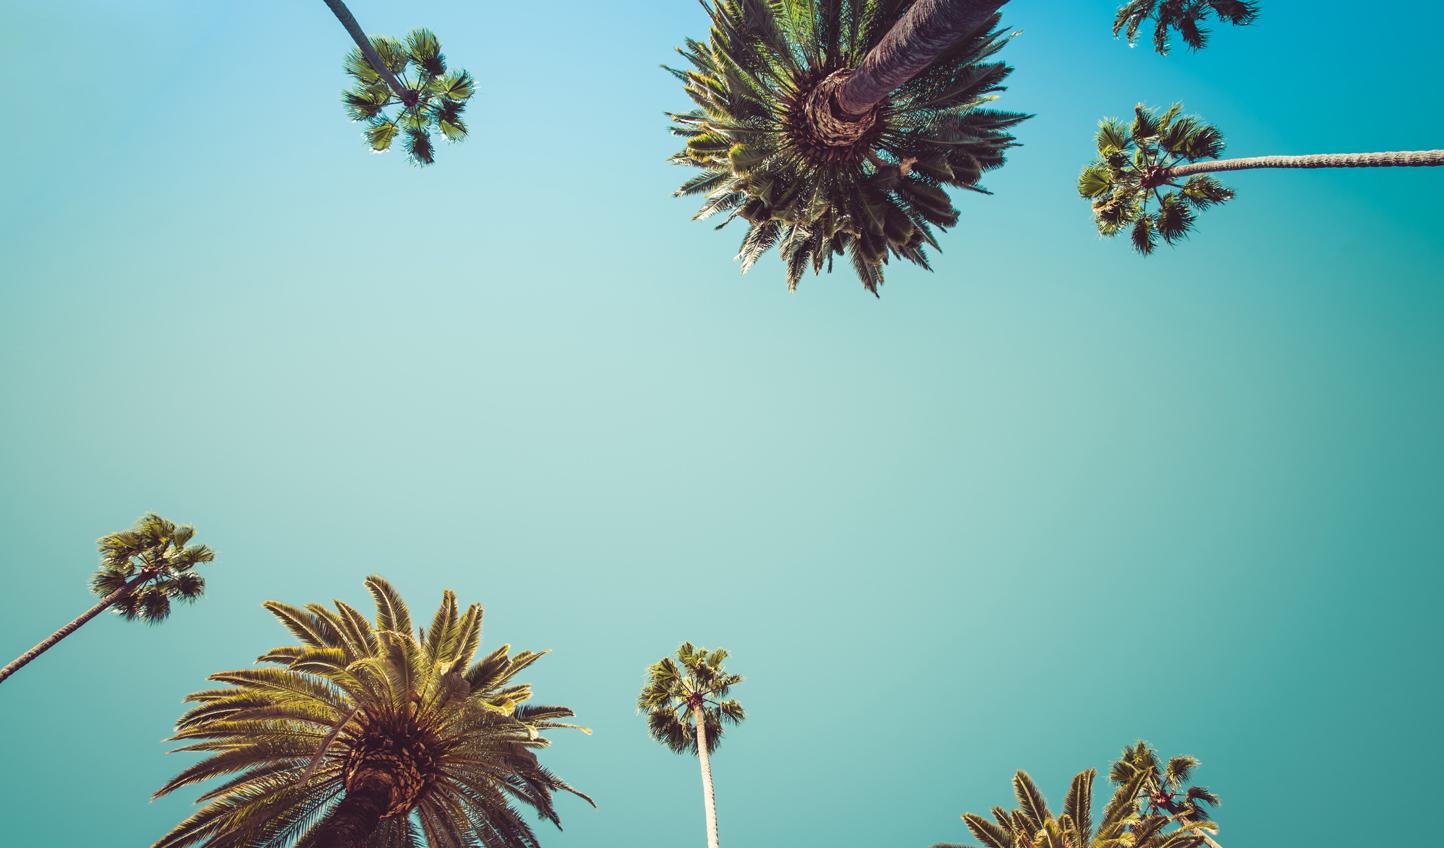 Cruise beneath those iconic palm trees